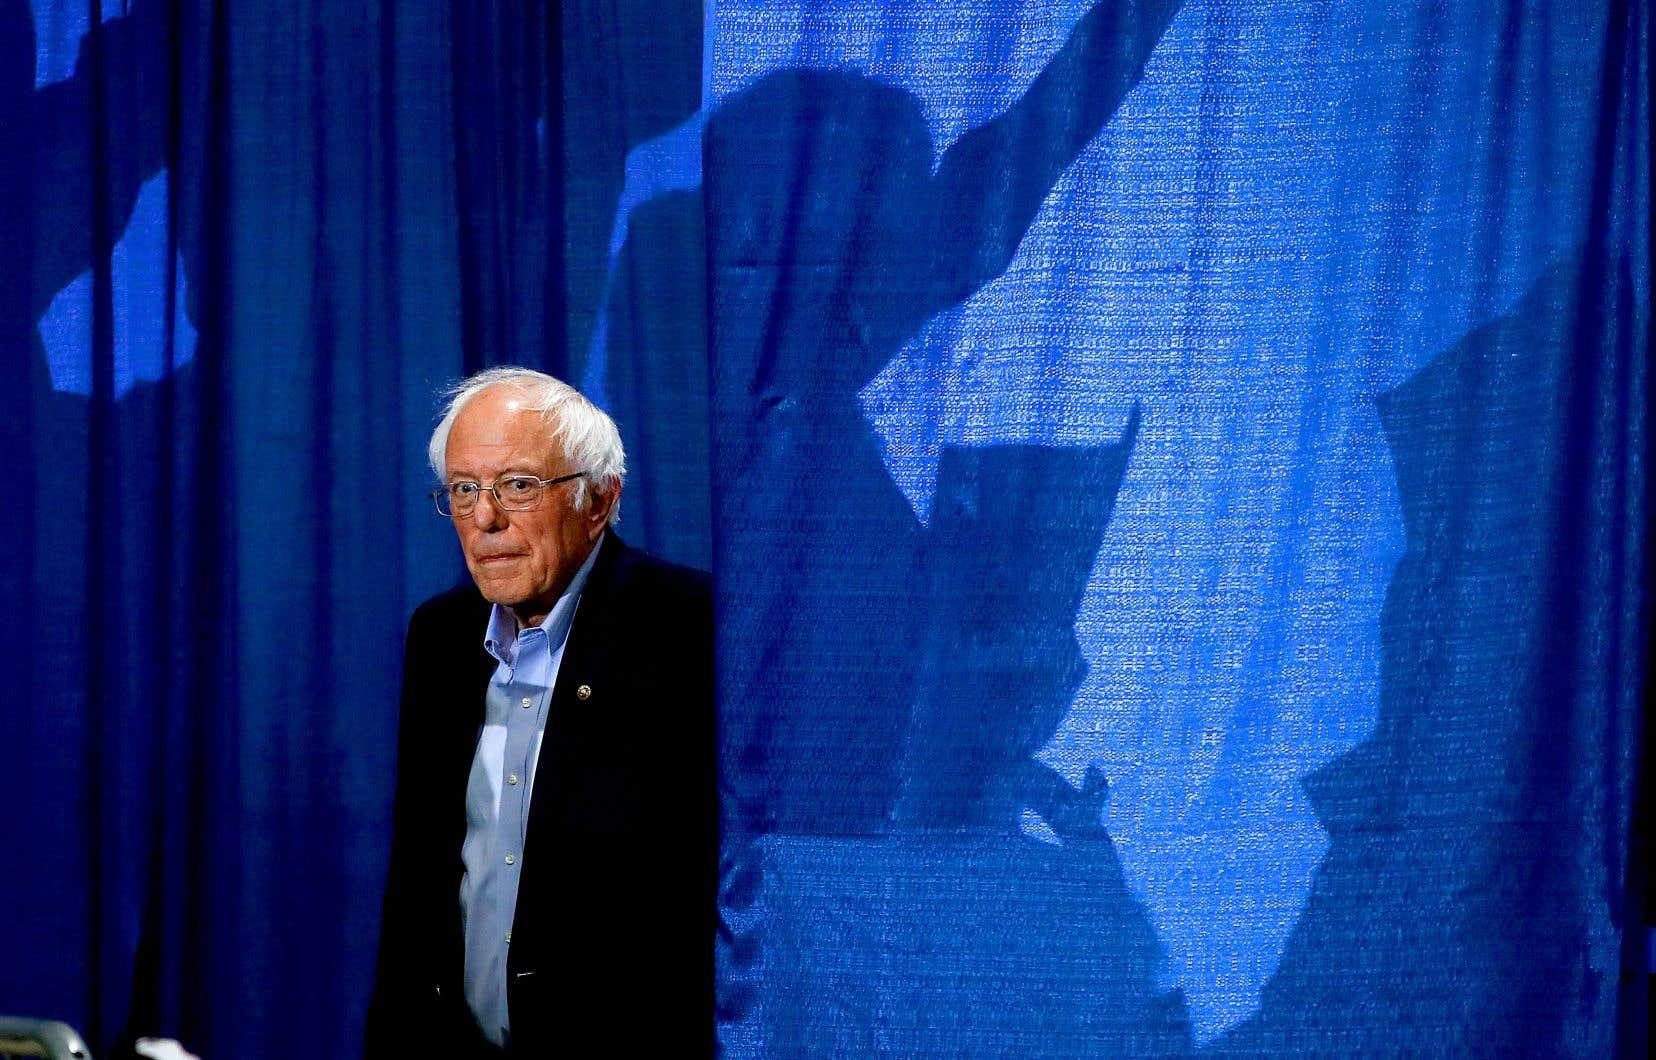 Après un départ fulgurant, le sénateur du Vermont, Bernie Sanders, est à la traîne désormais dans les sondages face à son principal opposant, l'ancien vice-président Joe Biden.